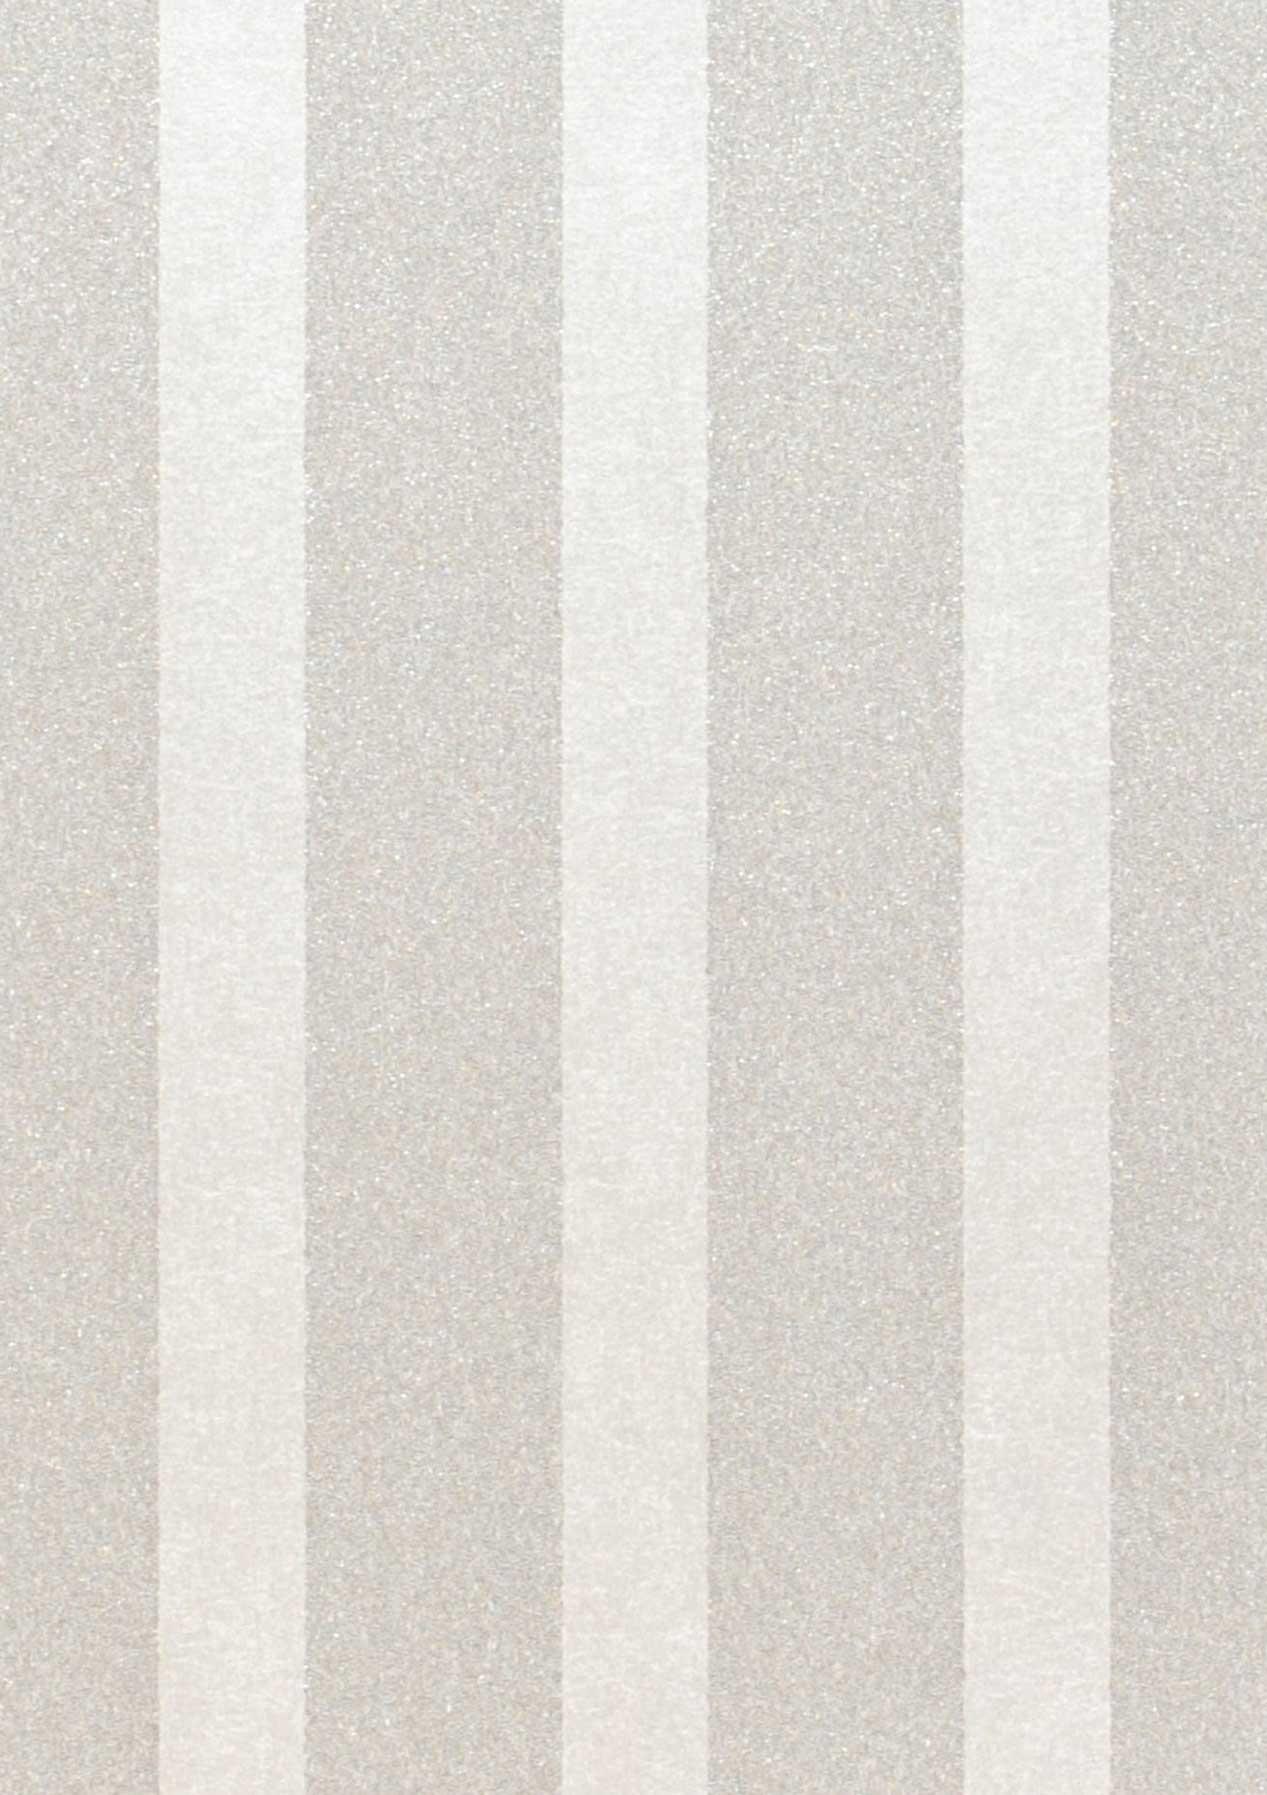 Papier Peint Artemis Blanc Cr Me Paillet Blanc Cr Me